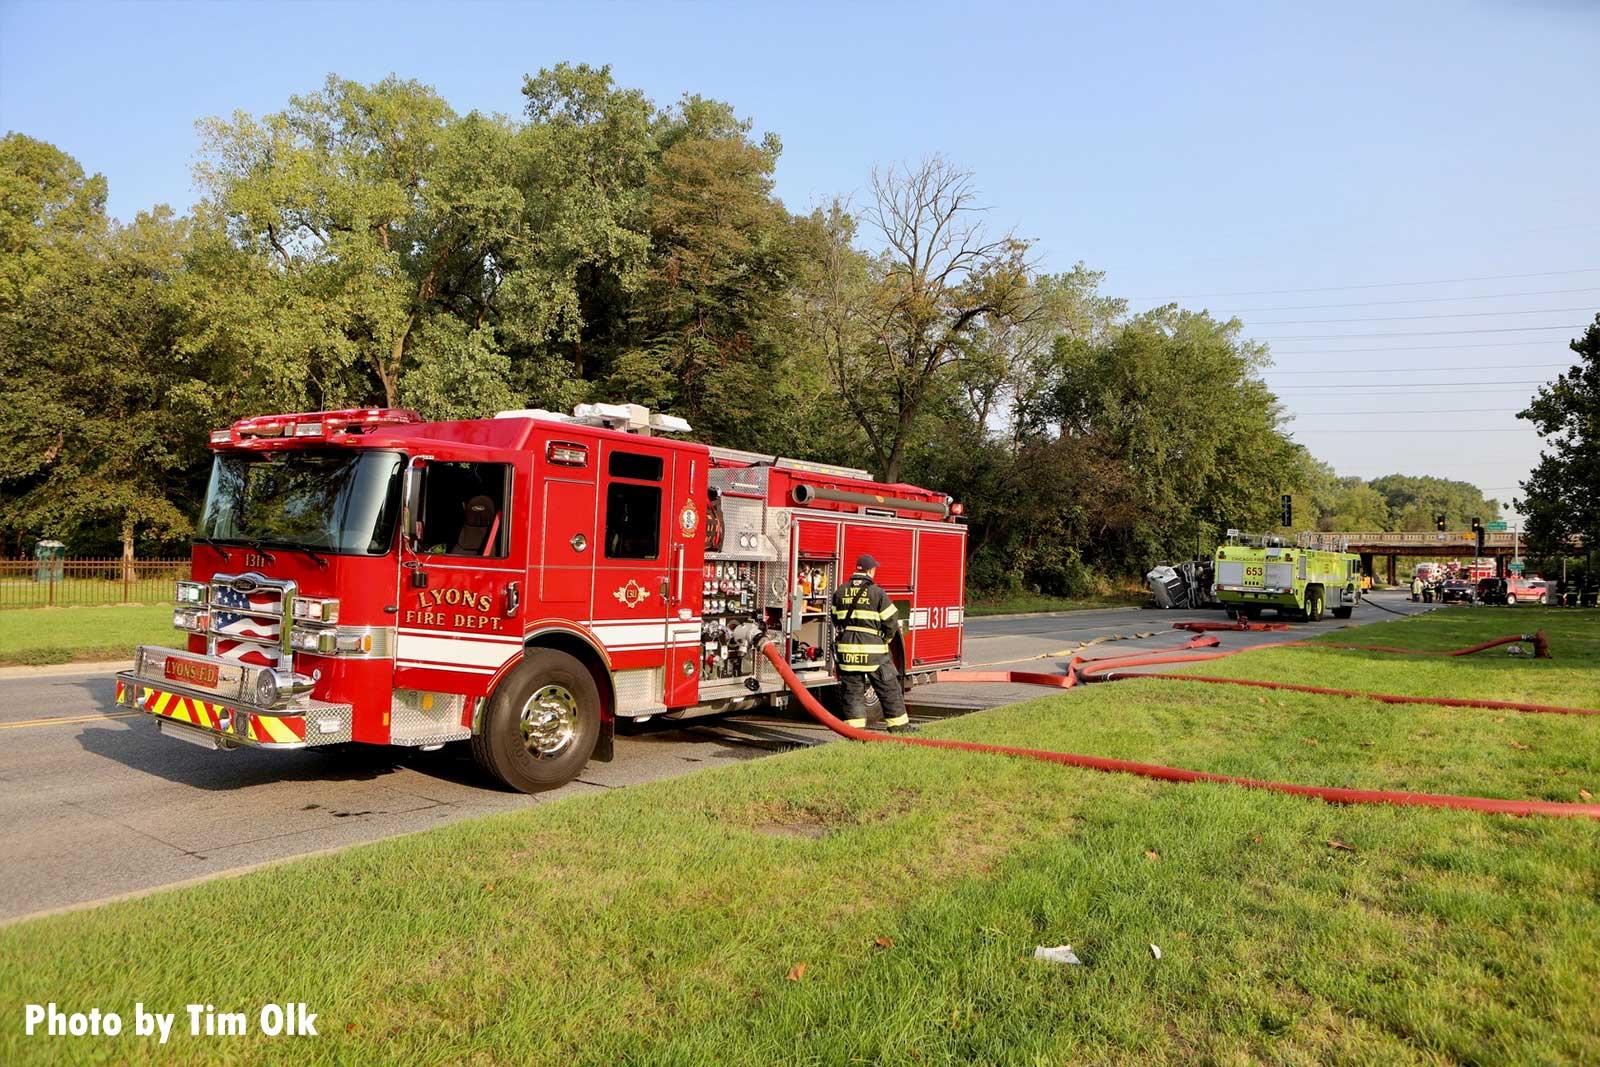 Fire truck at rollover scene